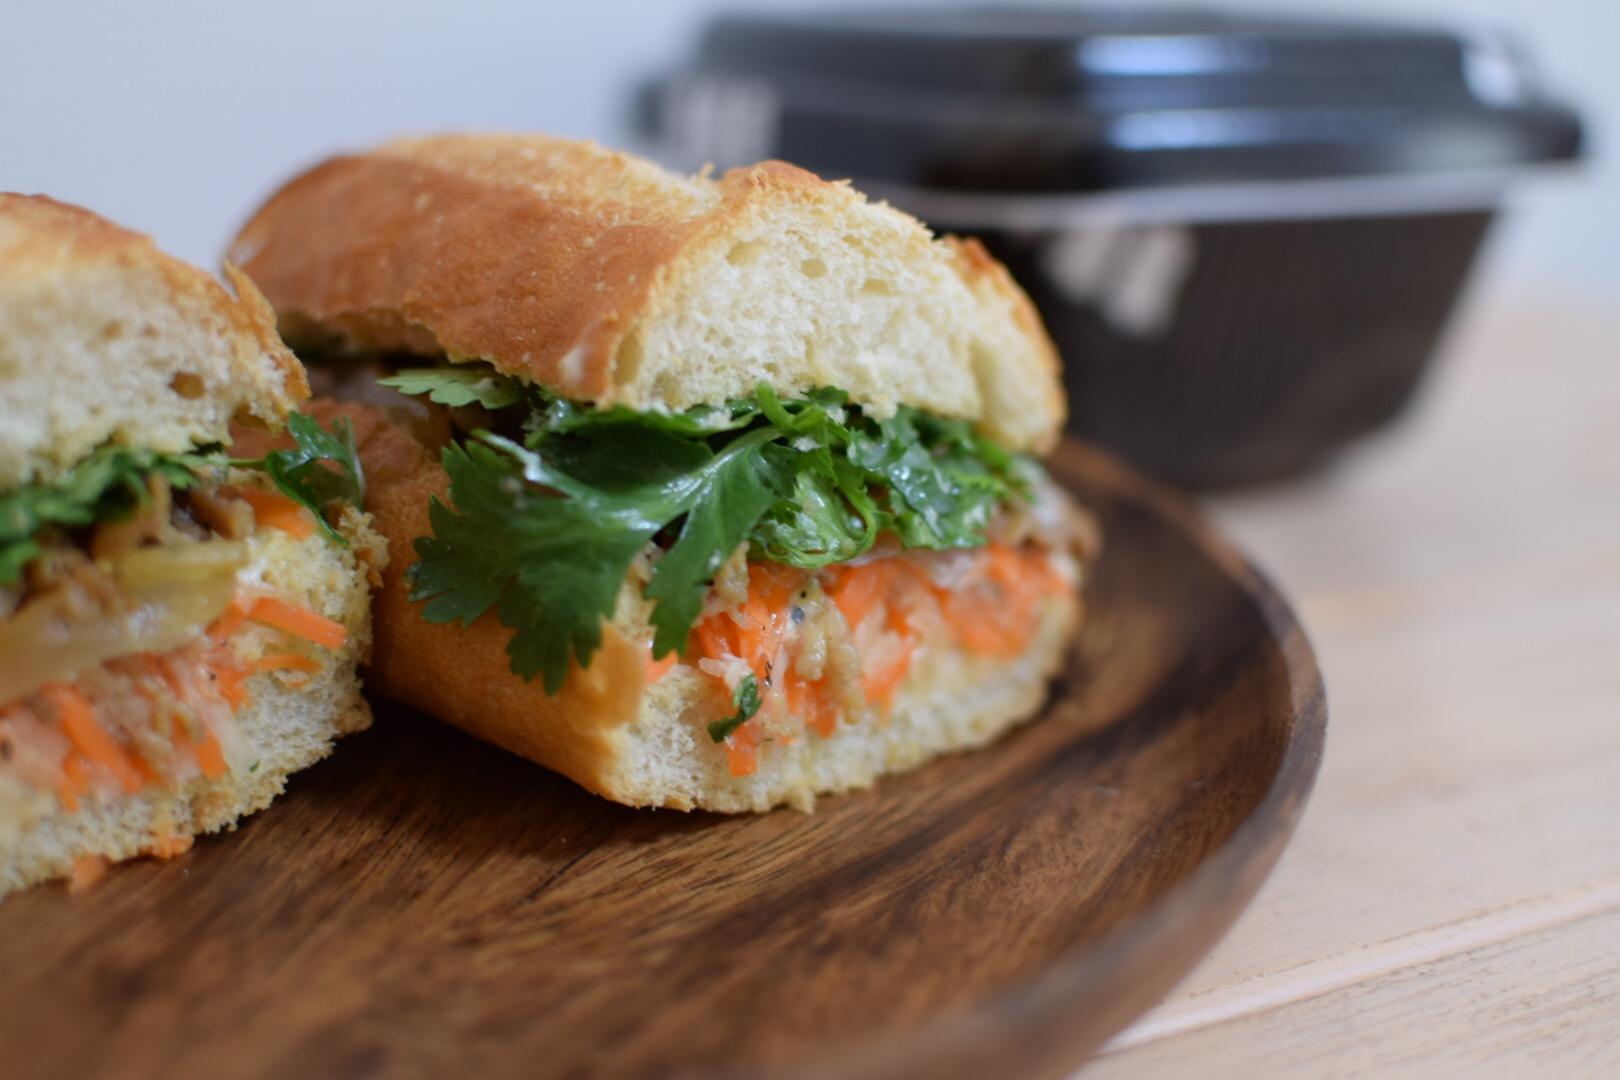 吉野家の牛皿でベトナムのサンドウィッチ「バインミー」を作ったのでレシピ掲載!